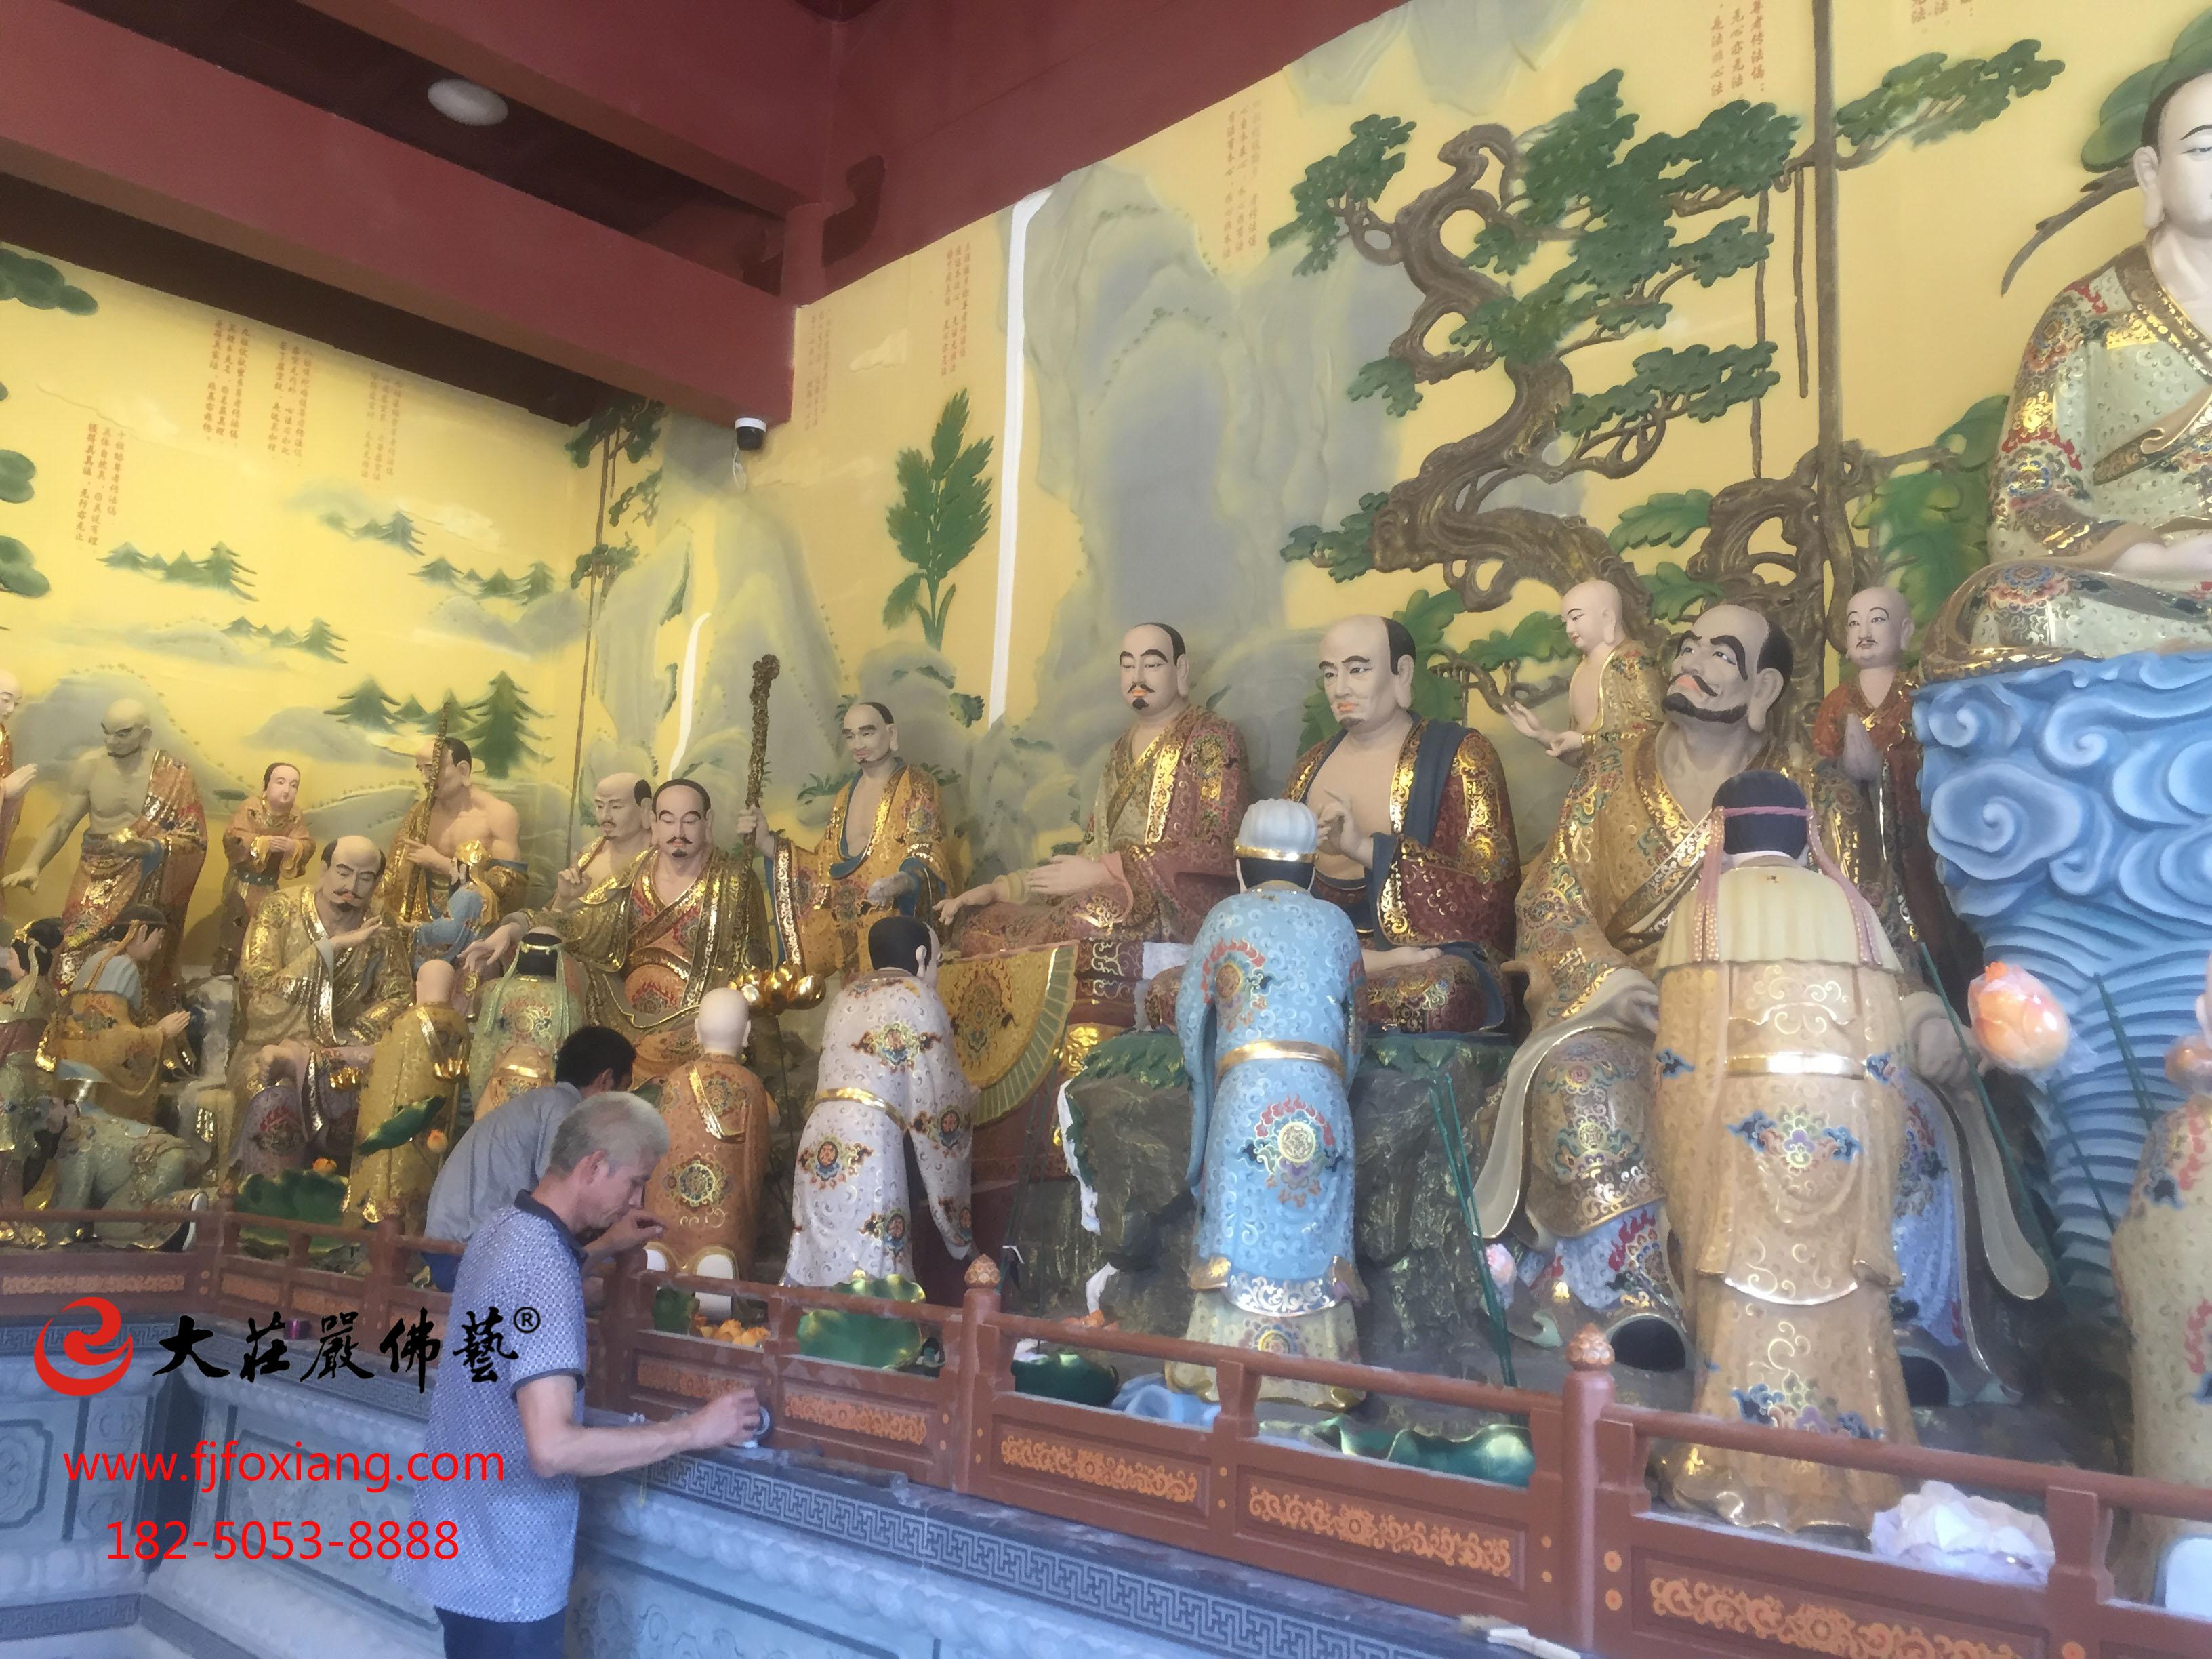 金华脱胎祖师殿全堂佛像之33祖师